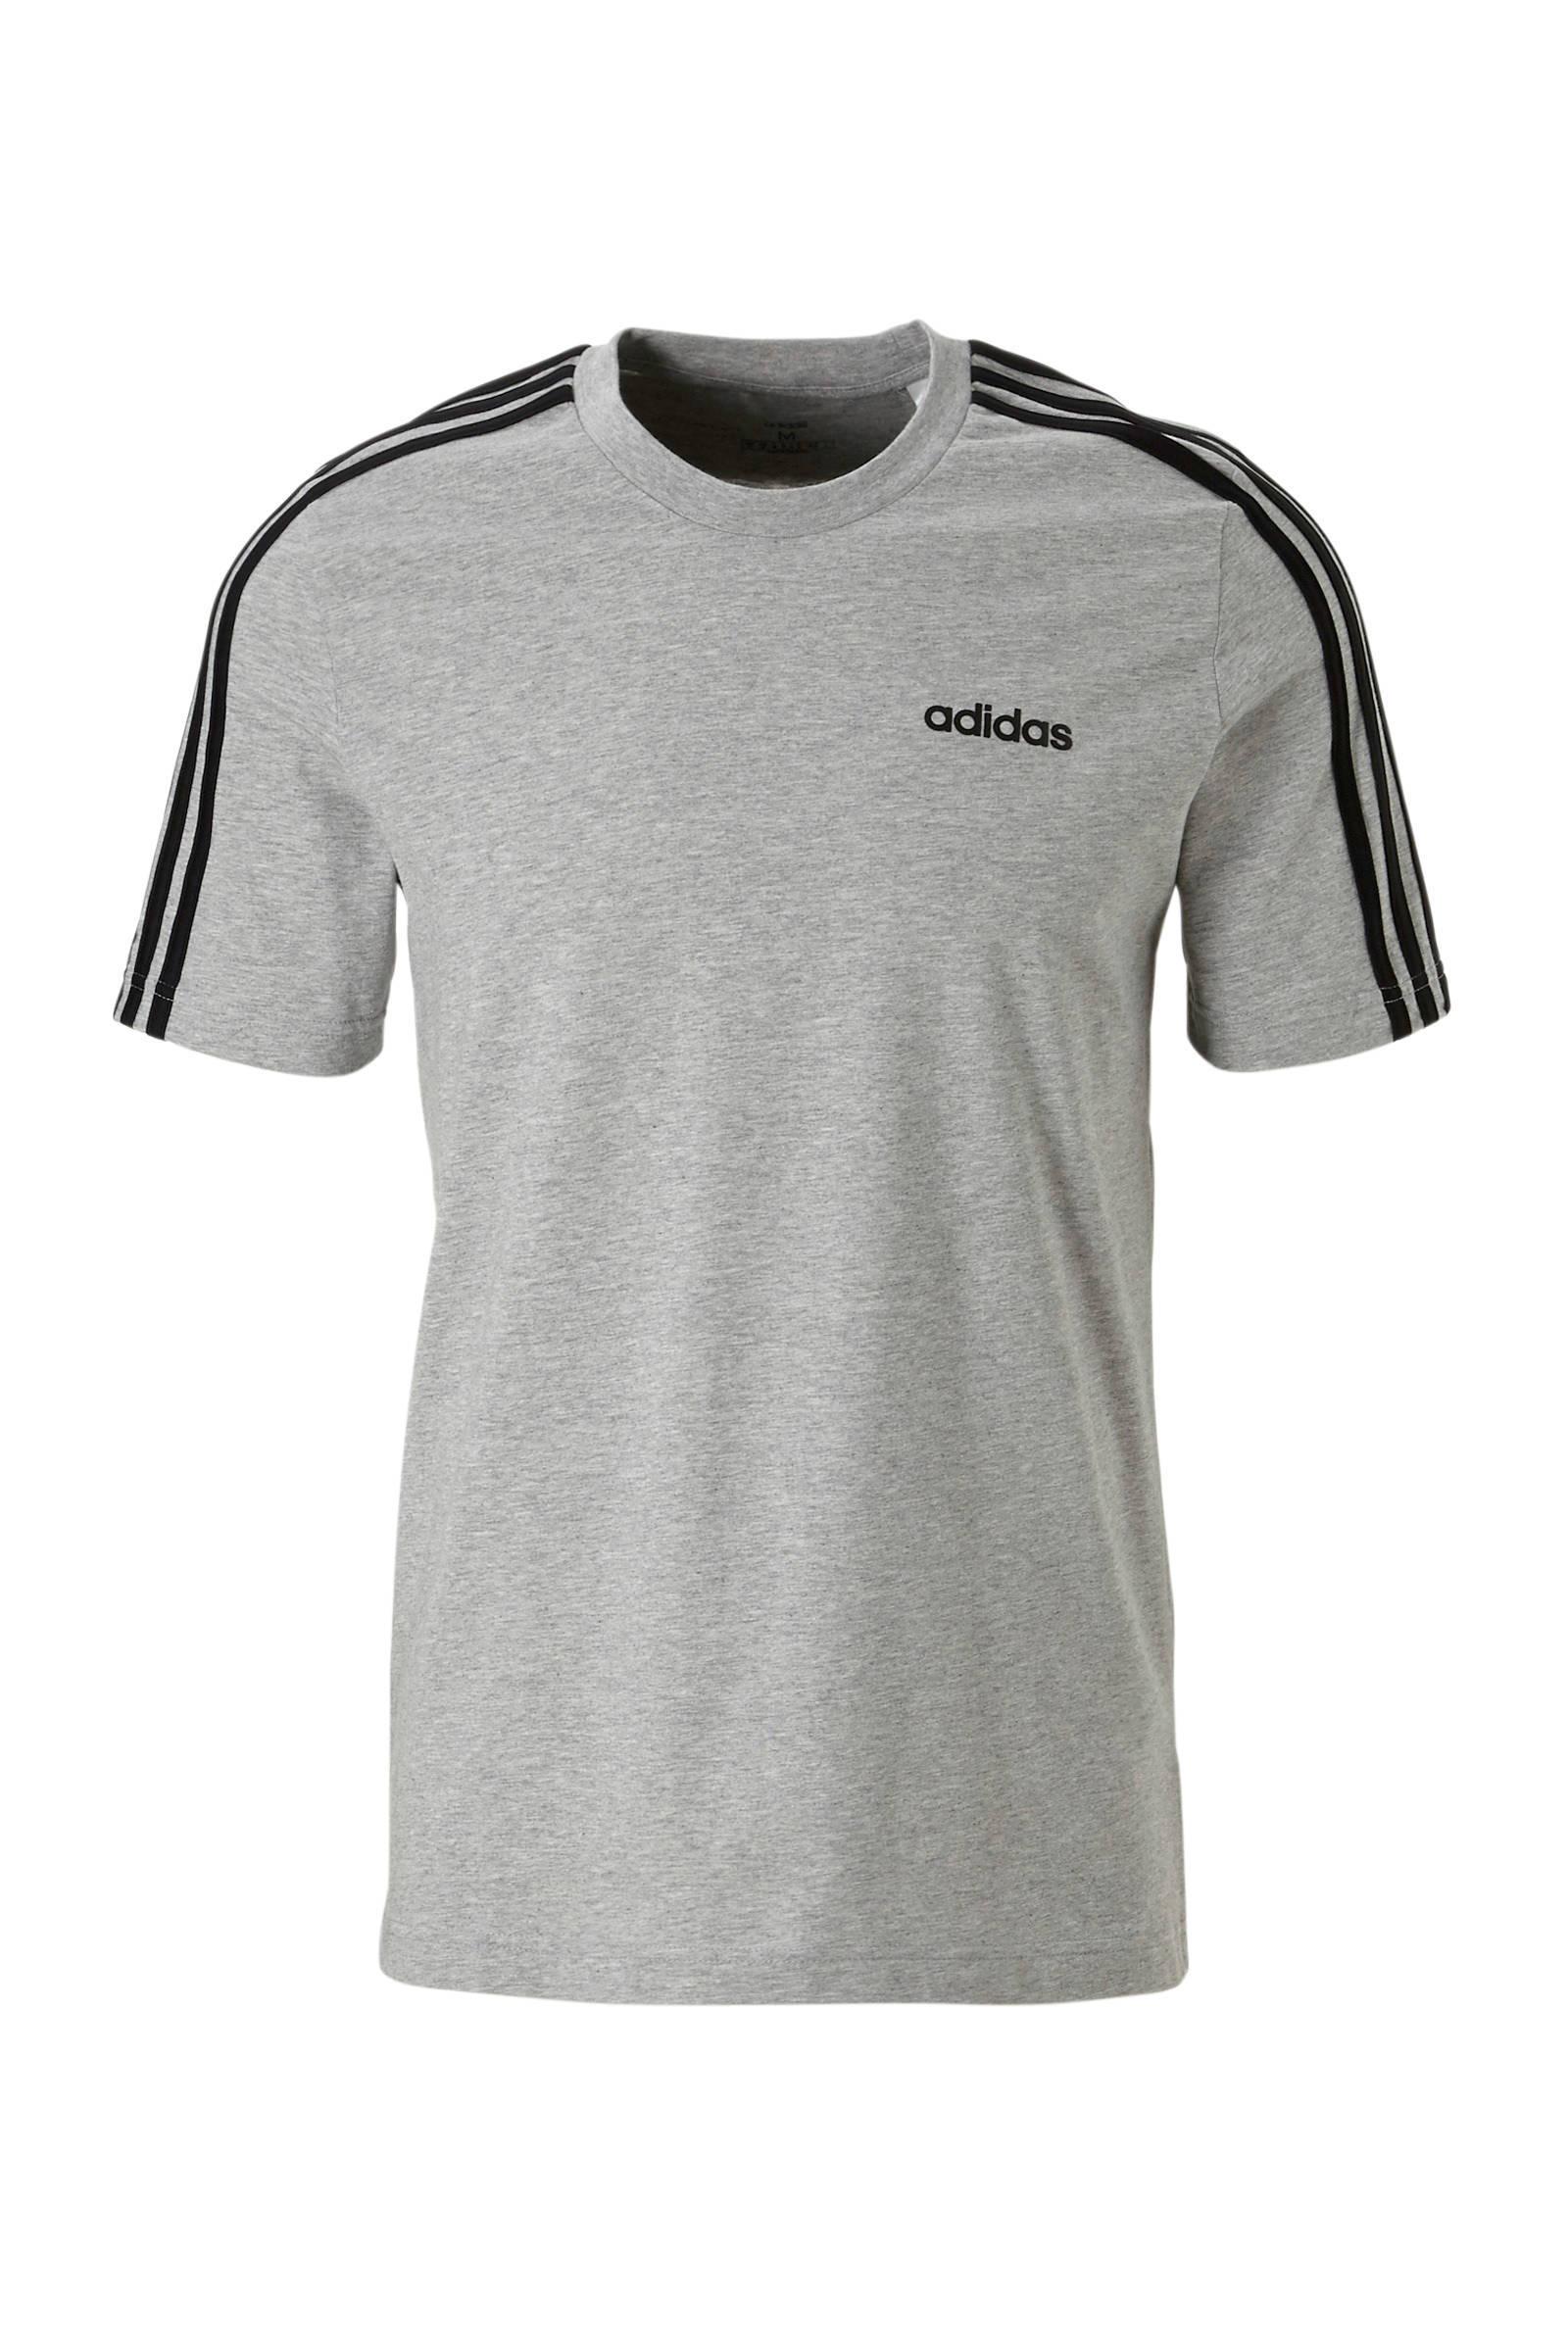 ShirtWehkamp Sport Adidas Adidas Performance T e9WEIYD2bH